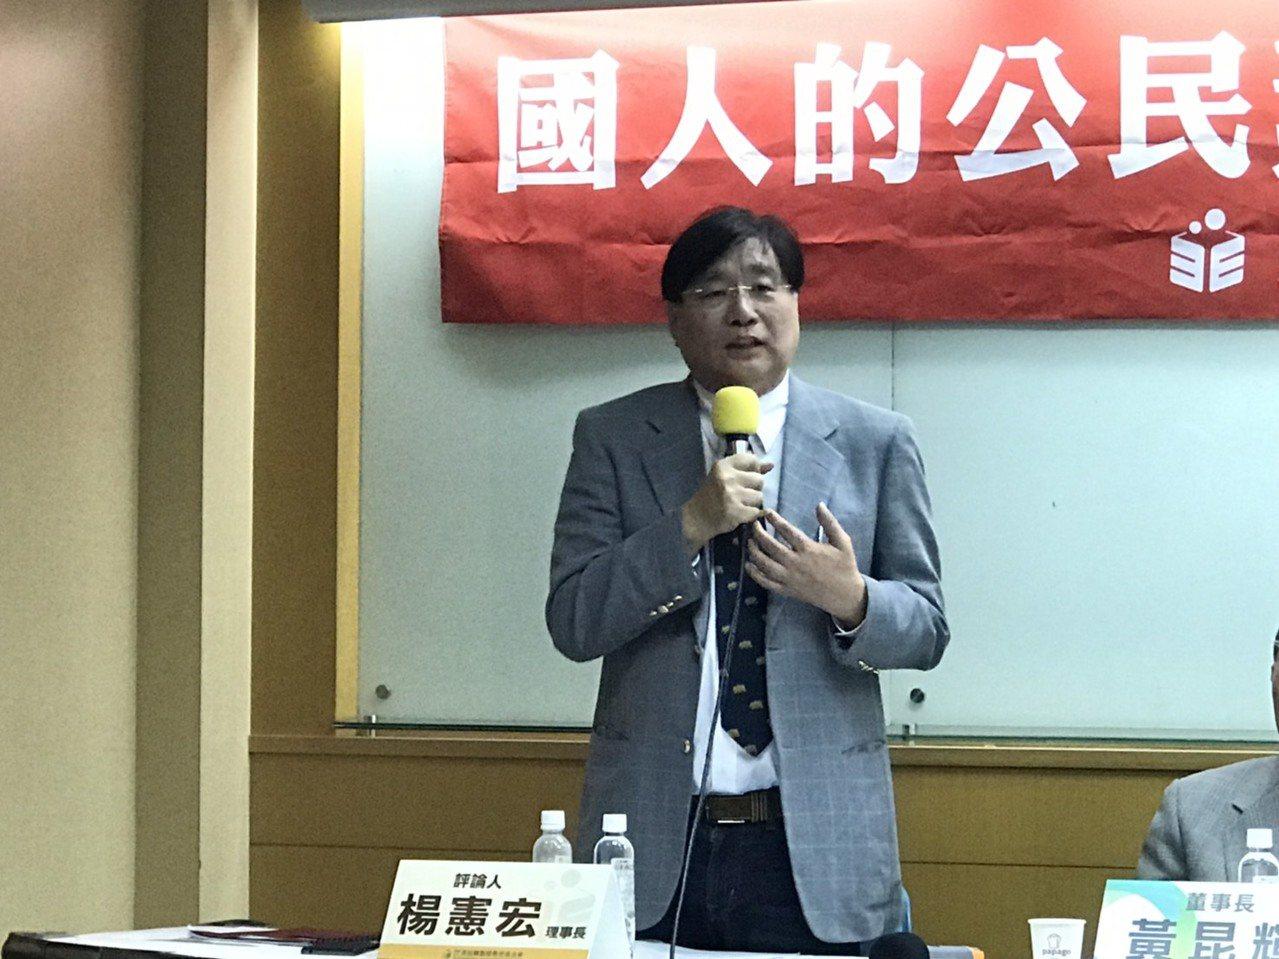 媒體人楊憲宏今天表示,媒體是重要的每日生活,但卻充滿很多陷阱。台灣是一個「非正常...